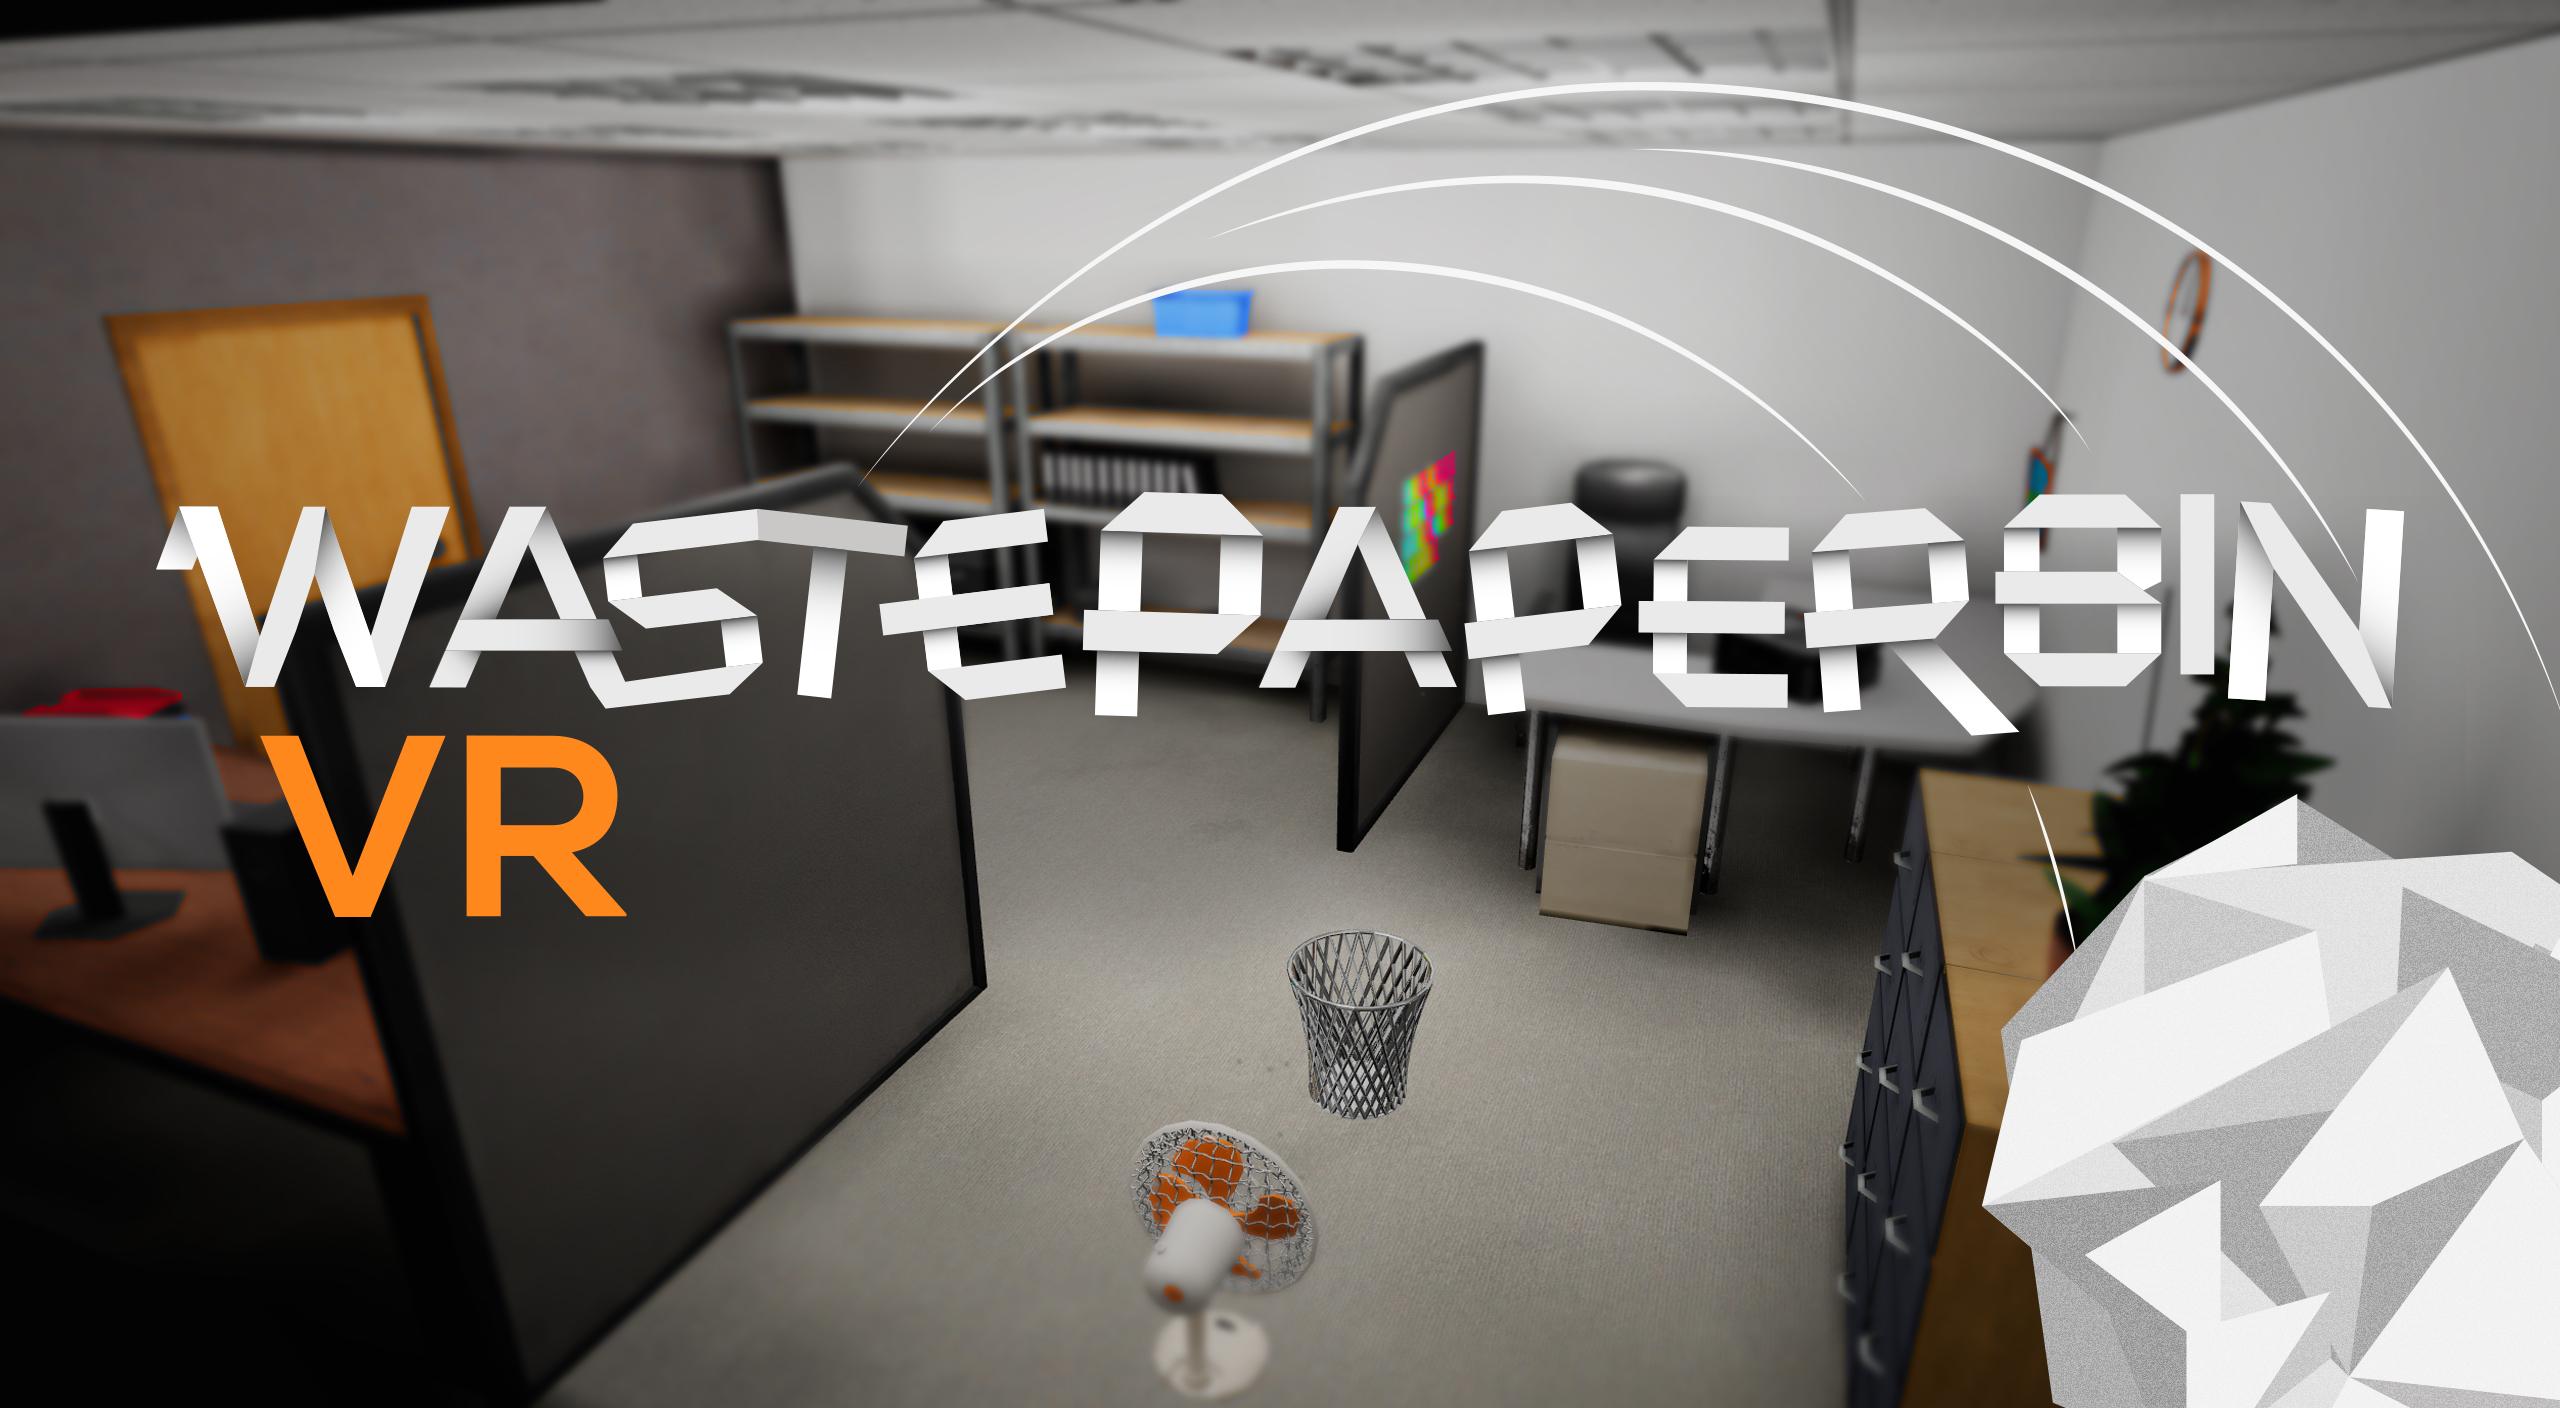 Wastepaperbin VR